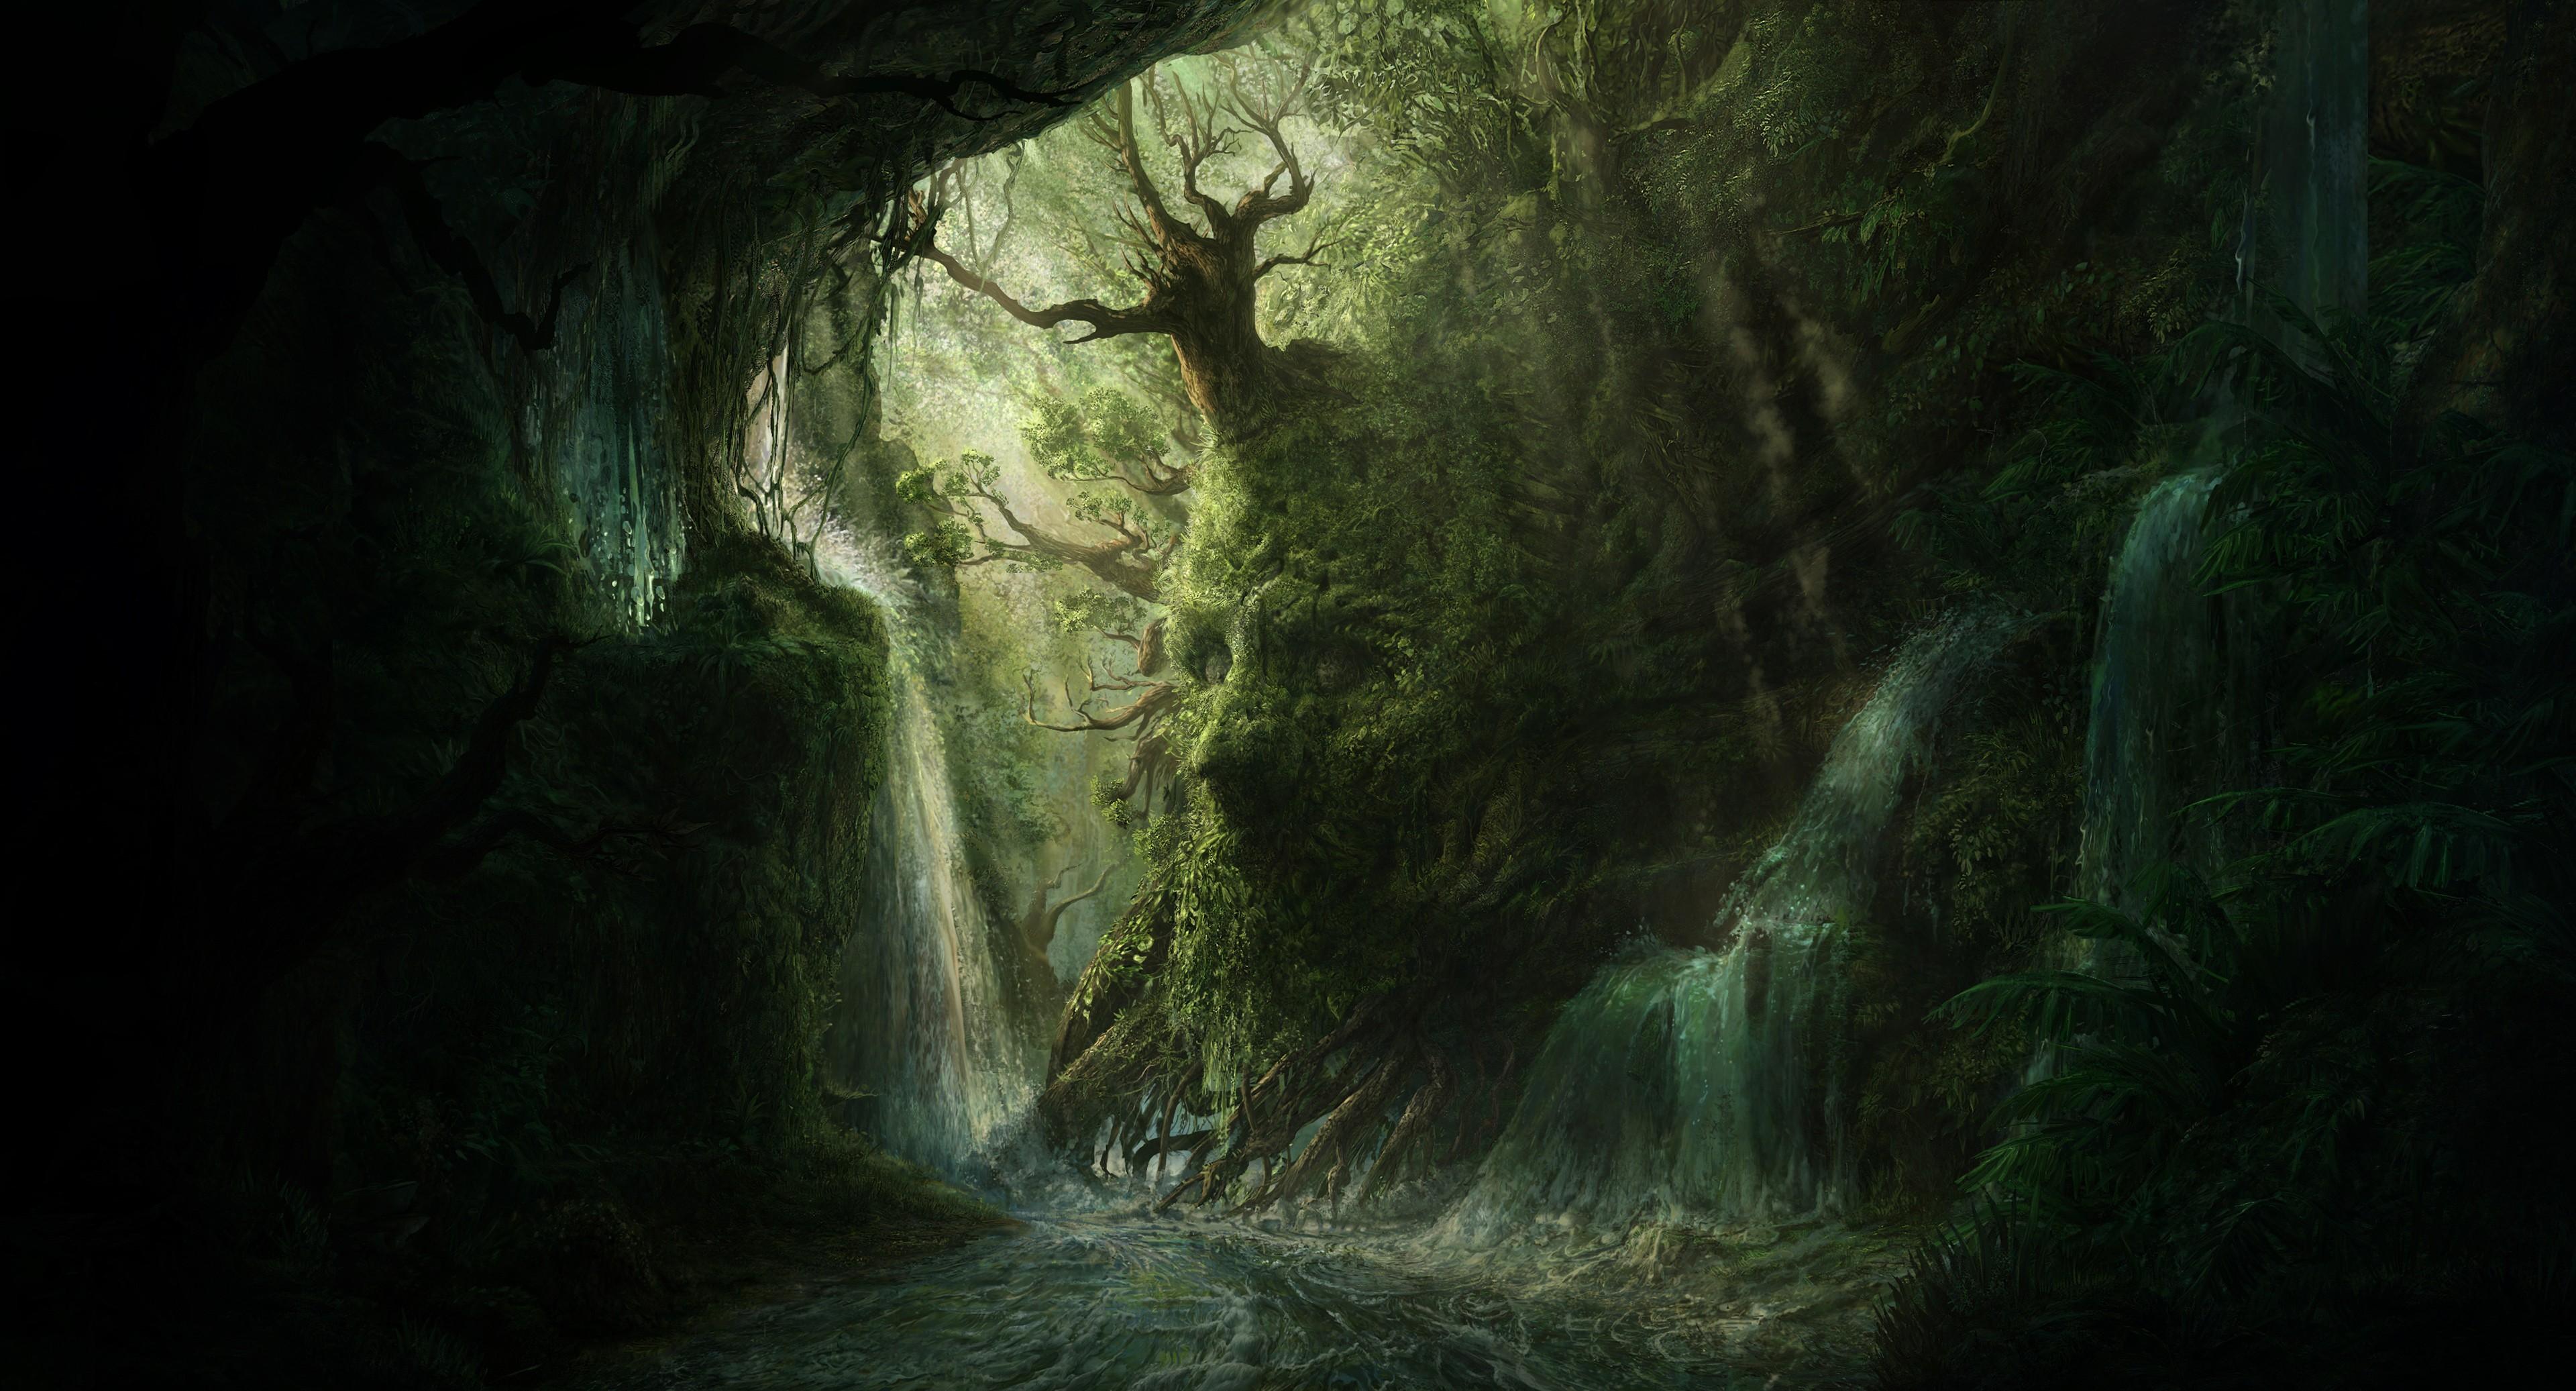 Mystical Creatures In The Fall Wallpaper Fond D 233 Cran Visage Art Fantastique La Nature La